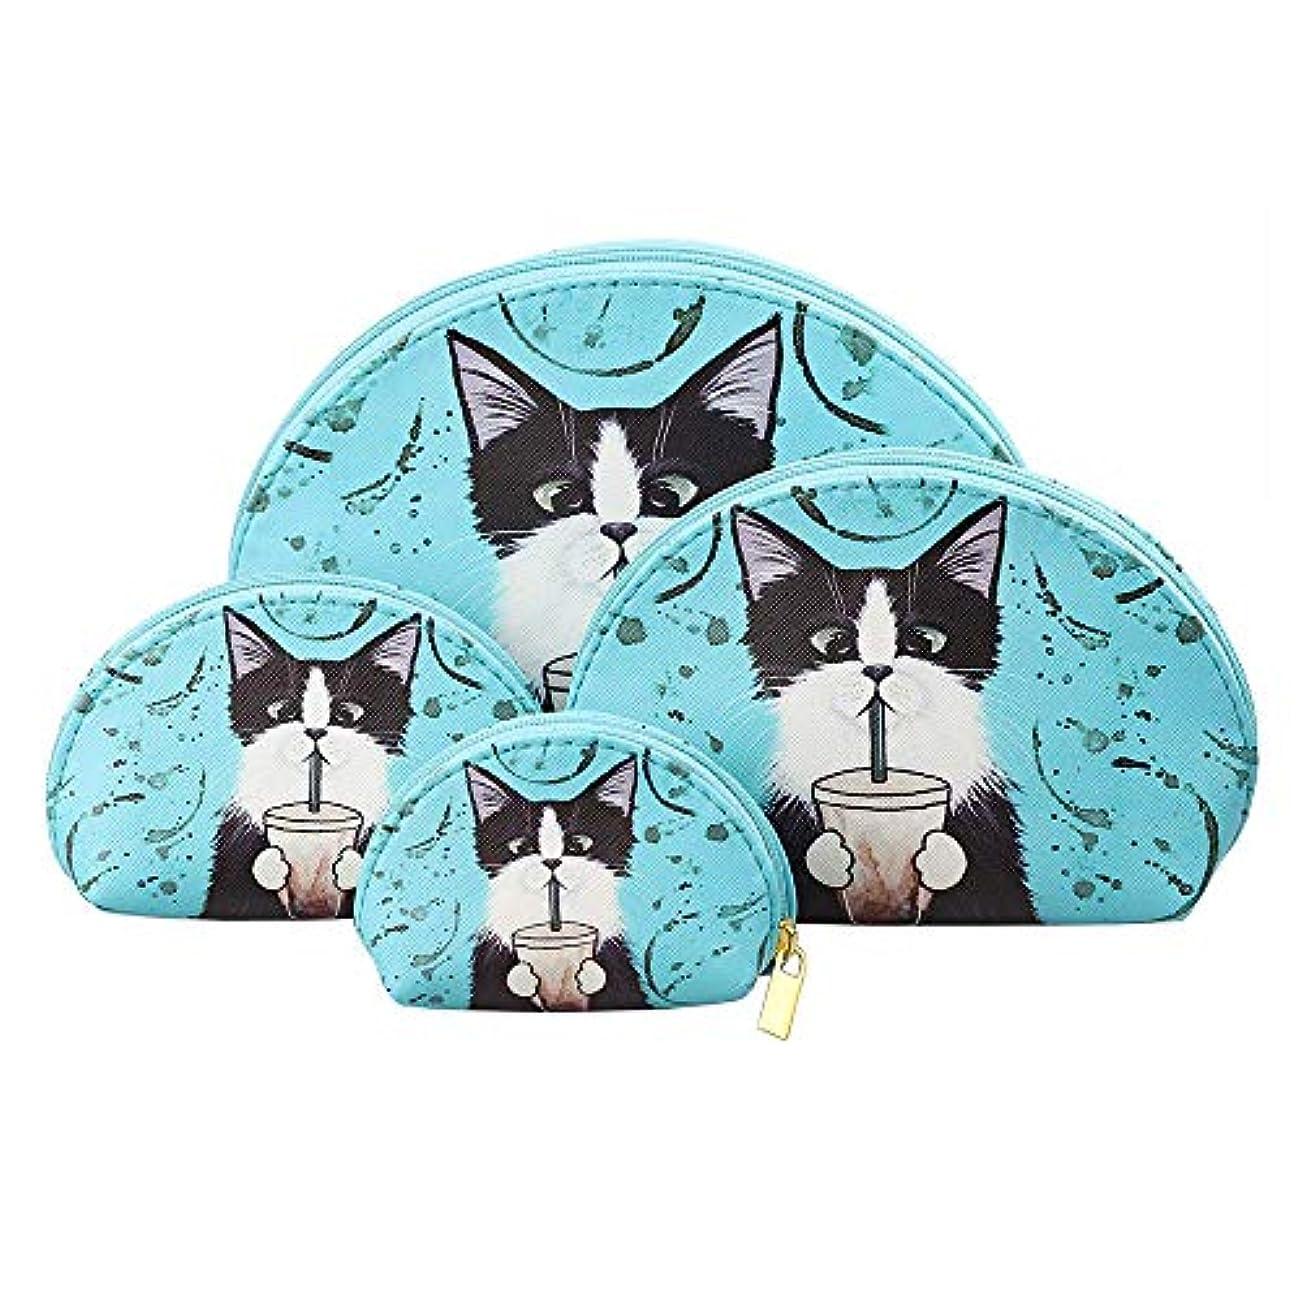 入射かもしれない悩みF.ZH 化粧ポーチ メイクポーチ 4連ポーチ ミニ 財布 機能的 大容量 化粧品収納 小物入れ 可愛い 猫柄 犬柄 普段使い 出張 旅行 メイク ブラシ バッグ 化粧バッグ 4セット (ミントグリーン)